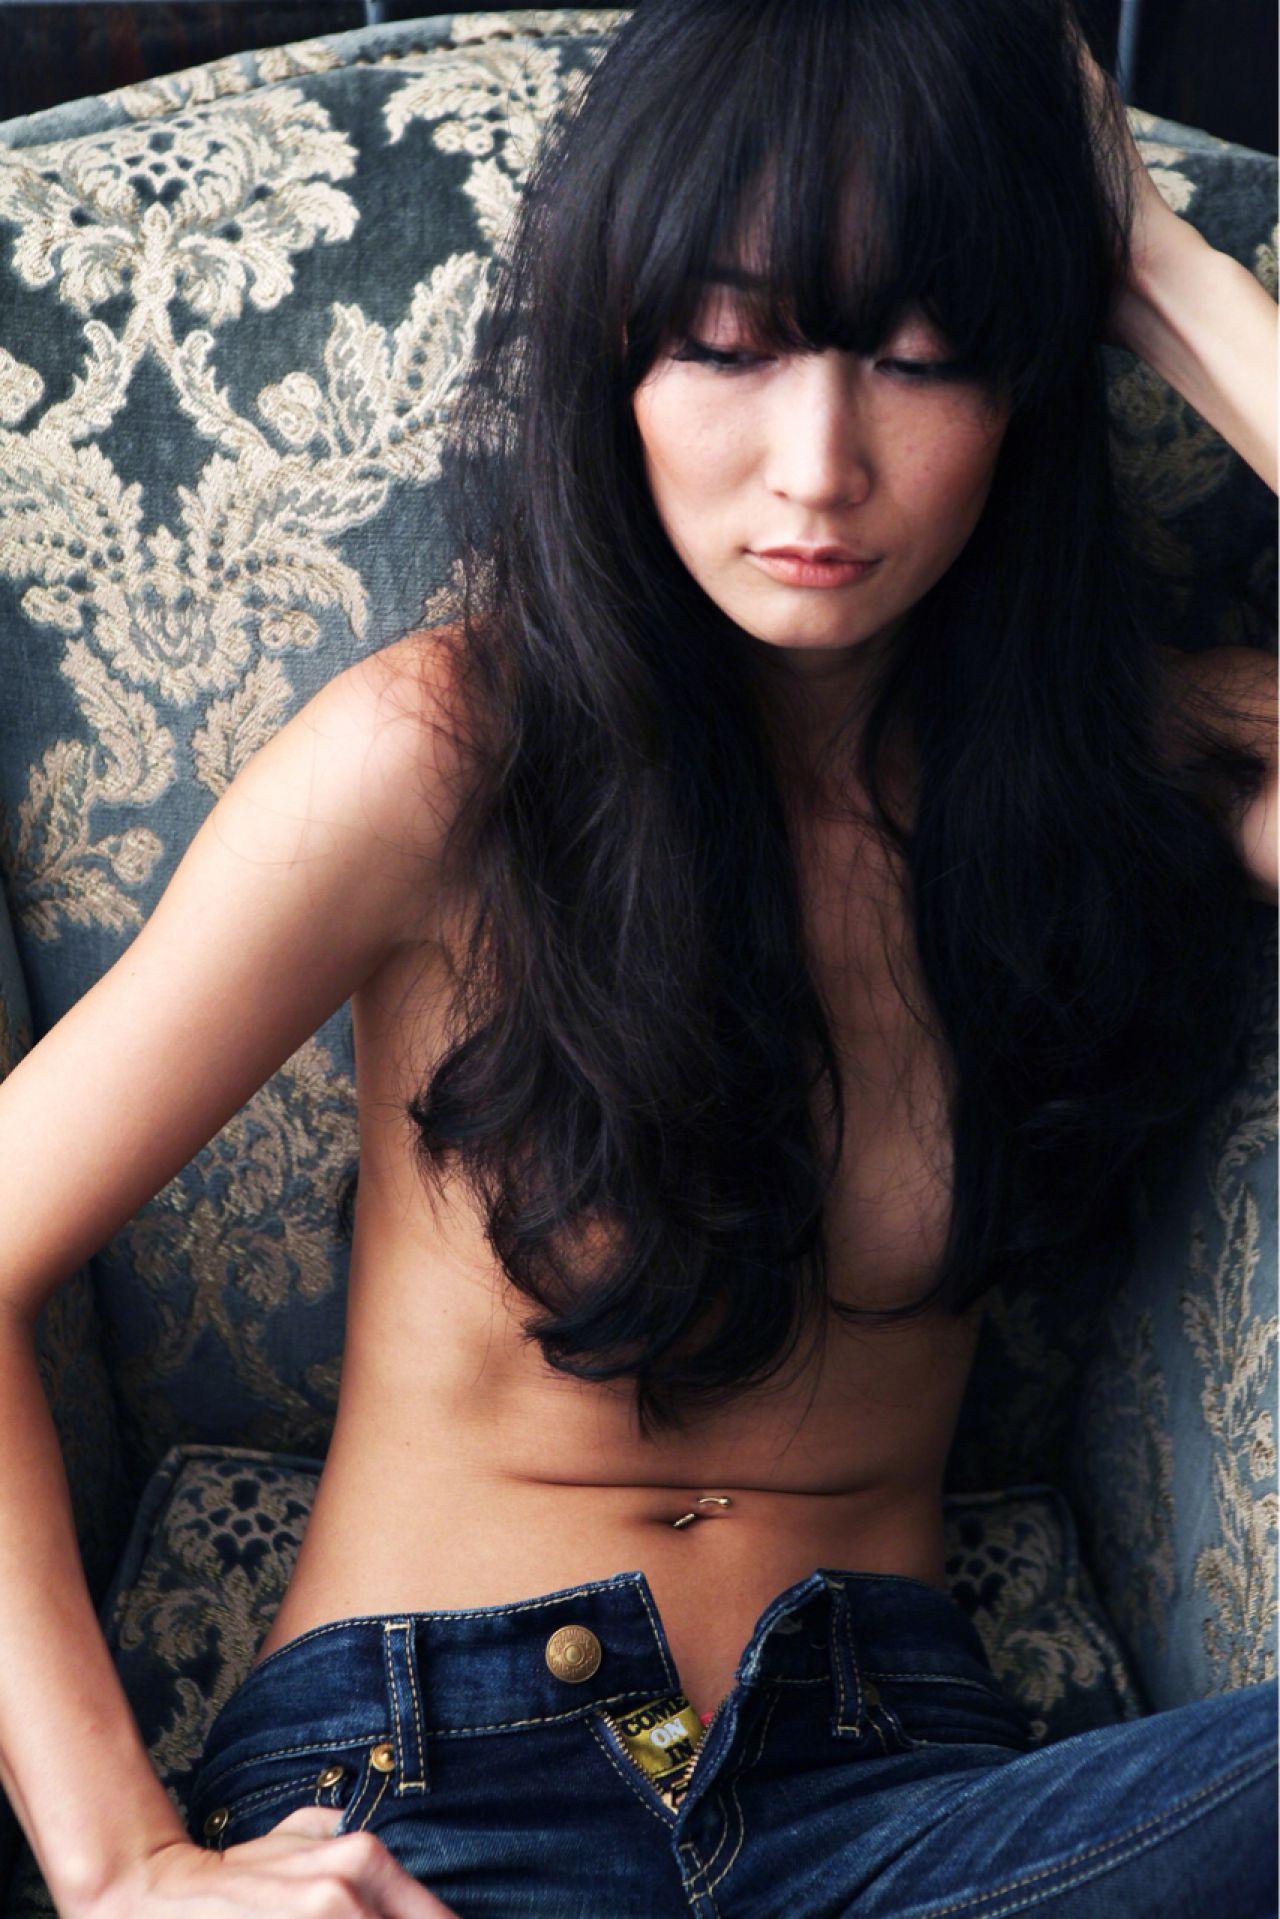 モード ロング ストレート 暗髪 ヘアスタイルや髪型の写真・画像